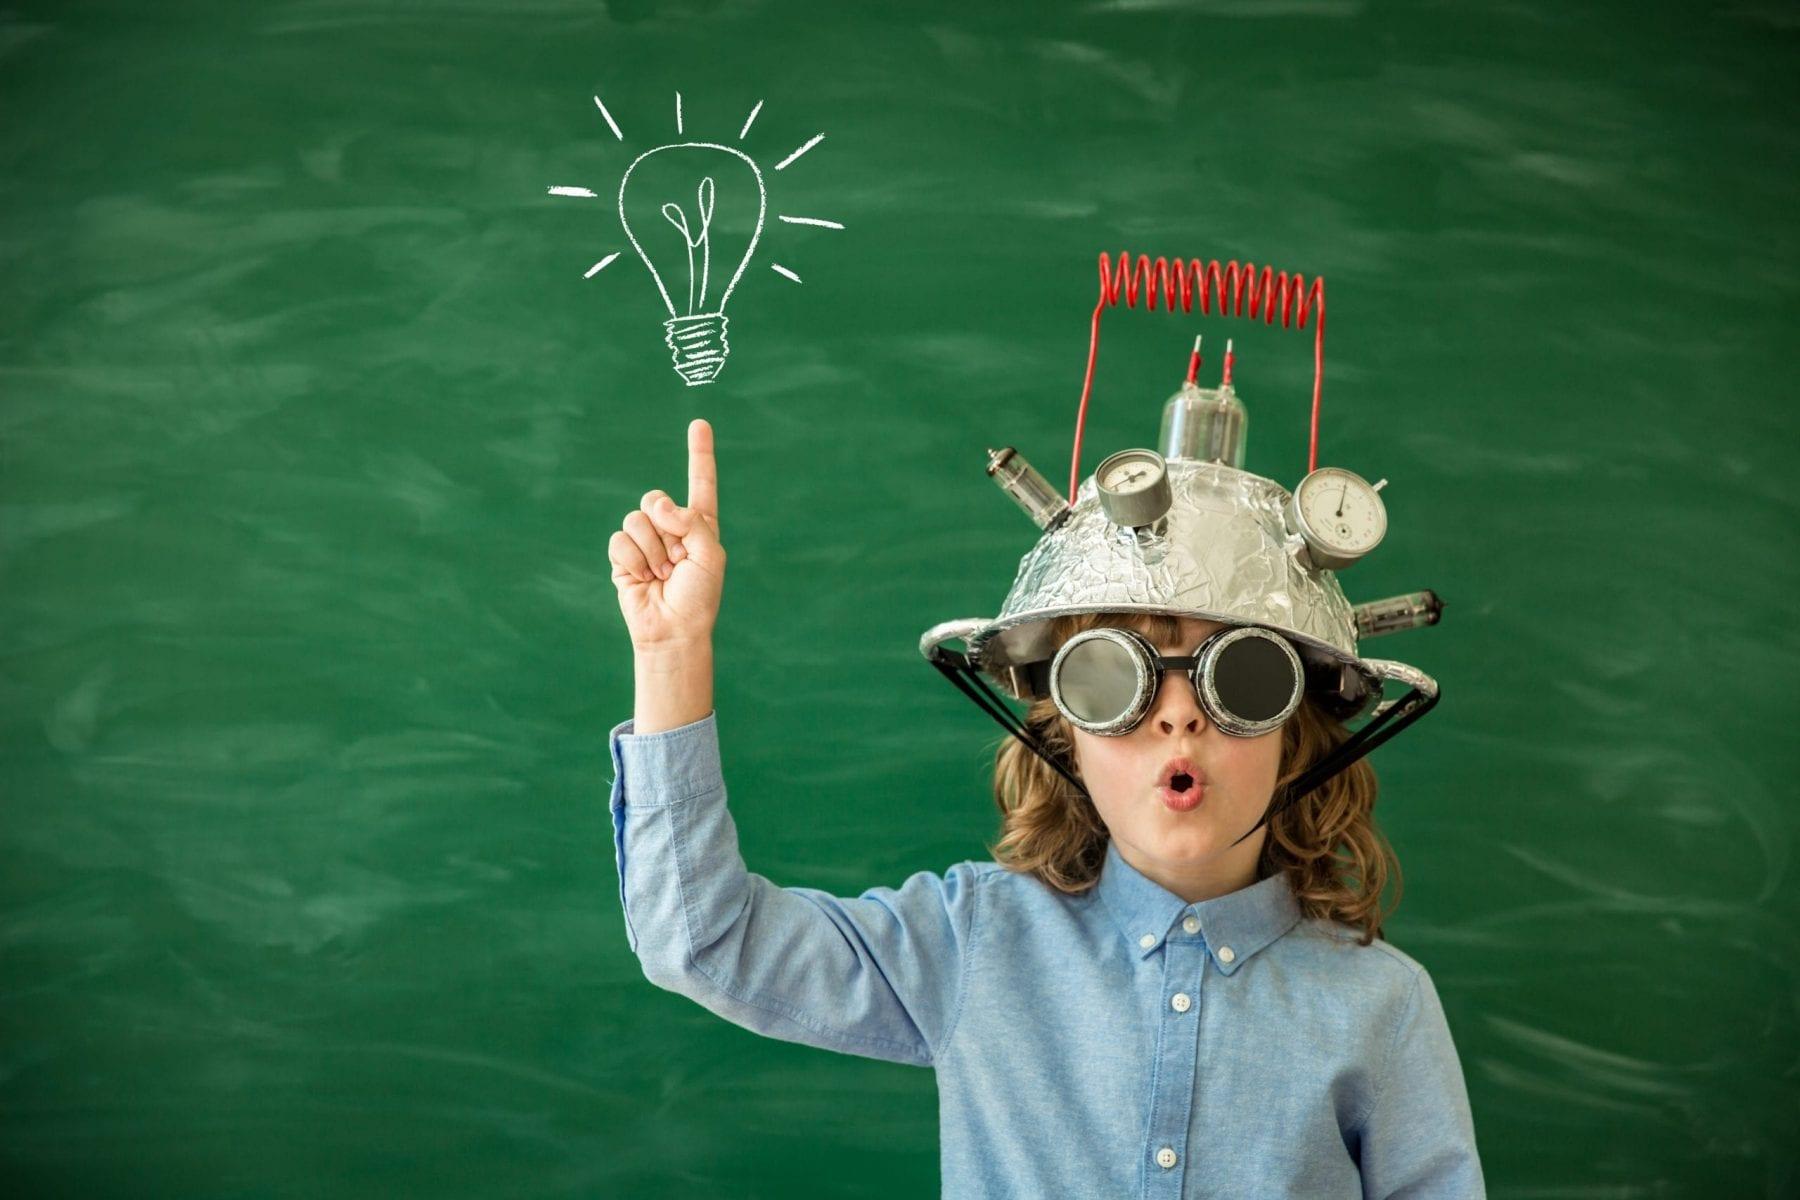 A bright idea